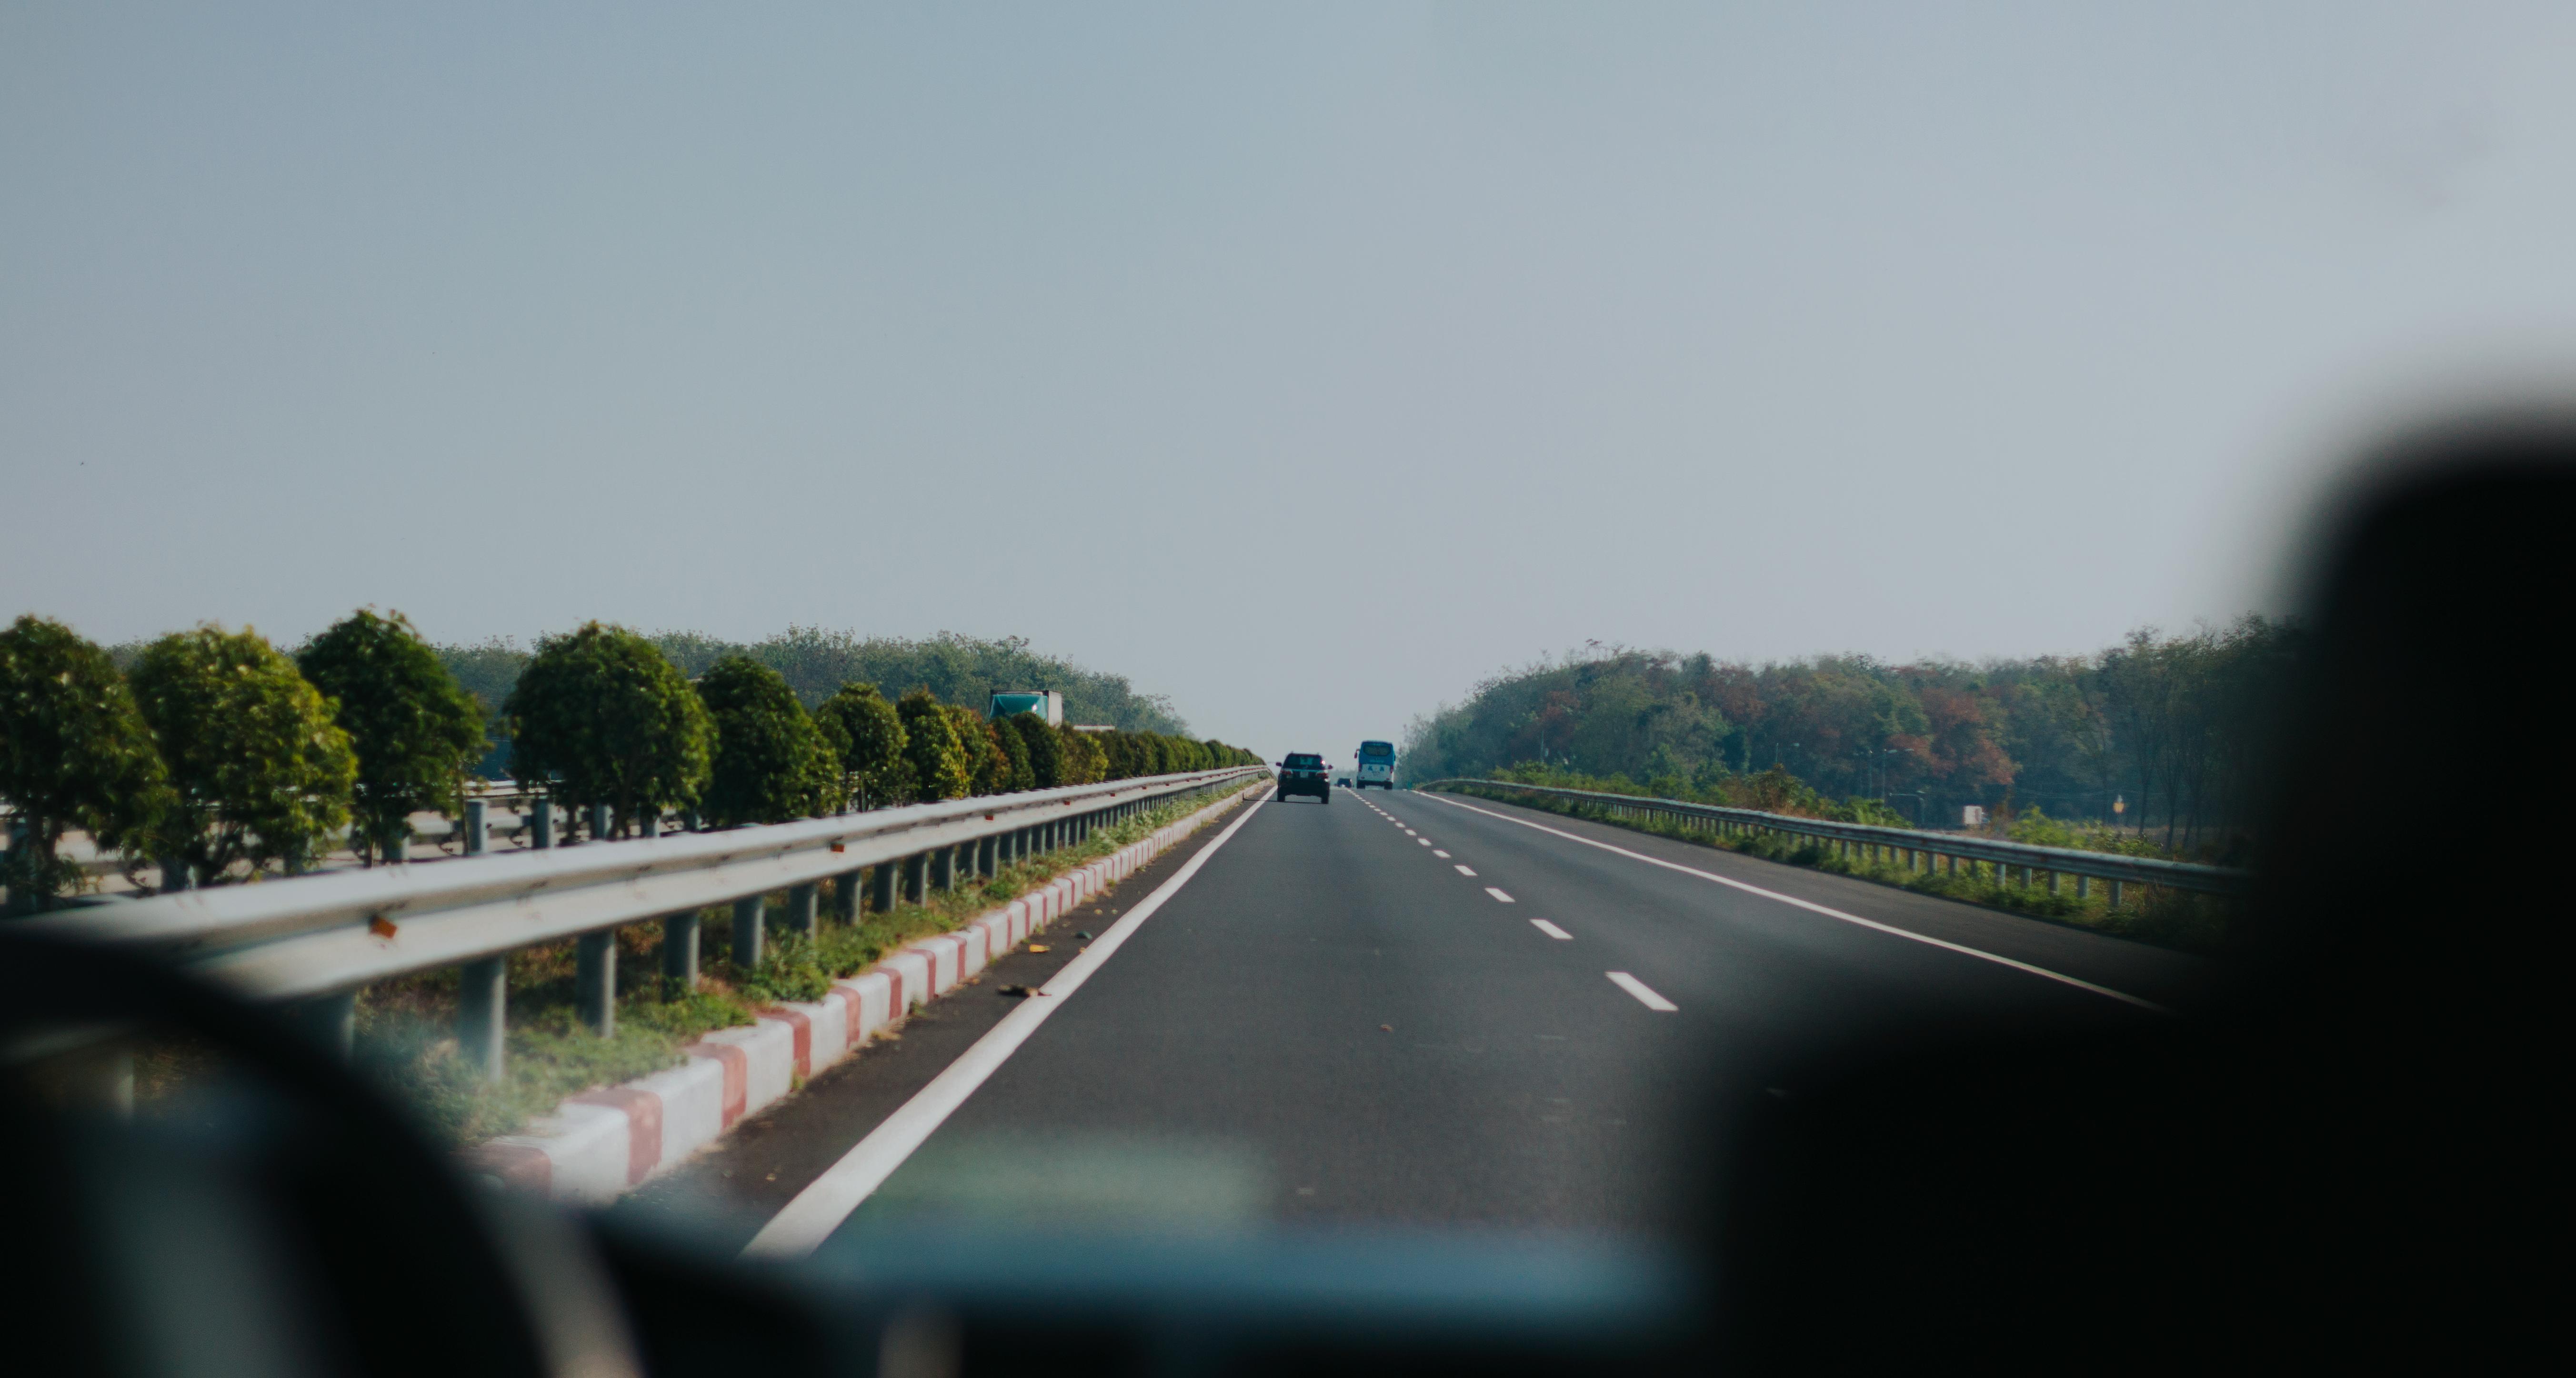 61+ Gambar Pemandangan Jalan Raya Kartun Kekinian